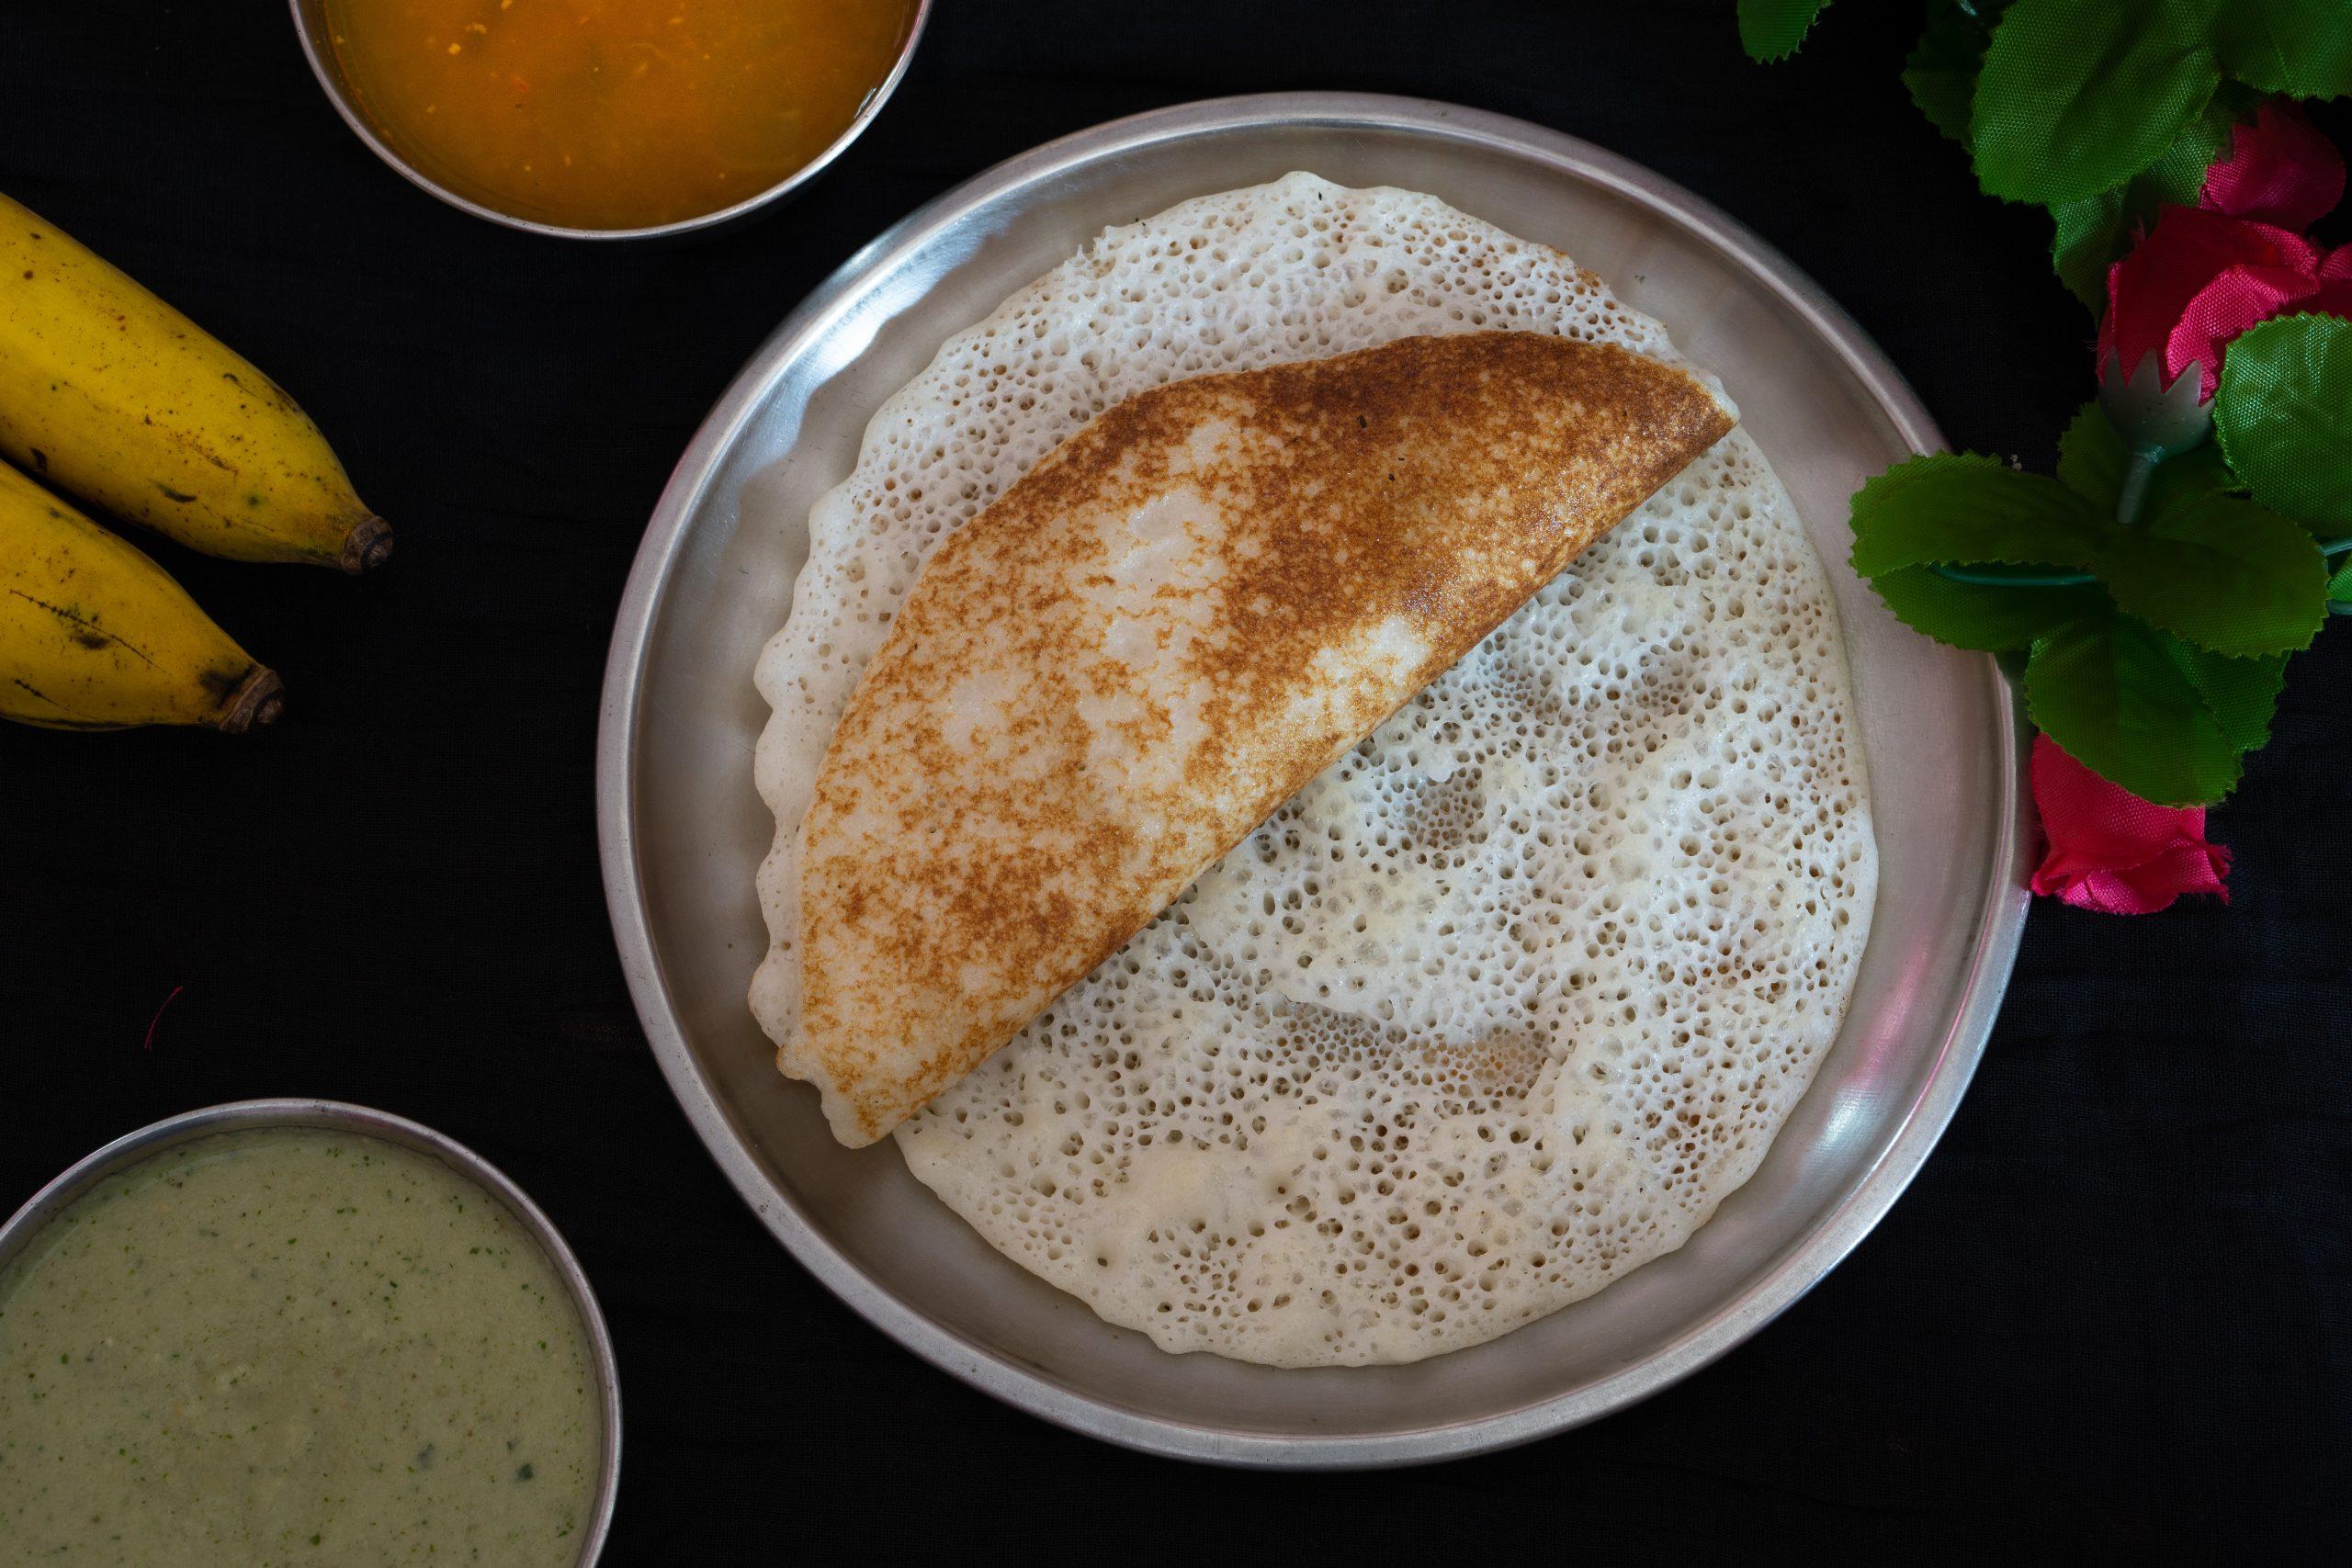 dosa with sambar, chutney and bananas